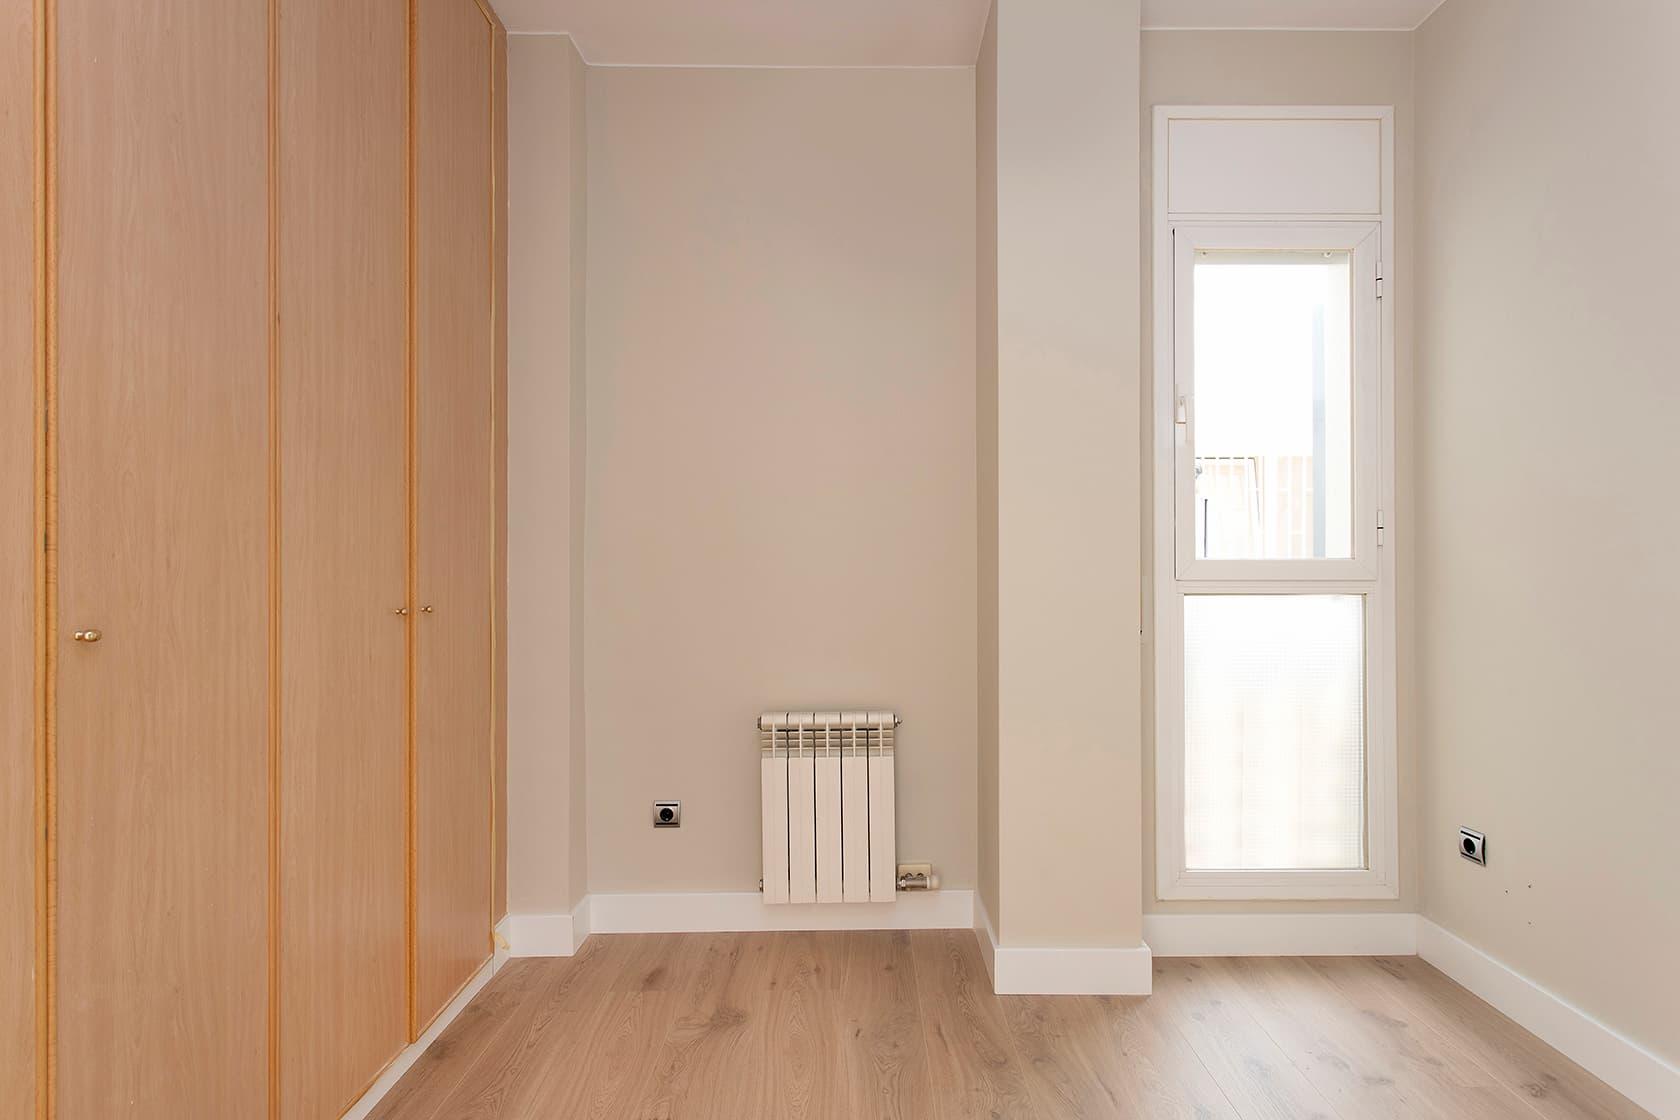 Habitación con radiador y ventana